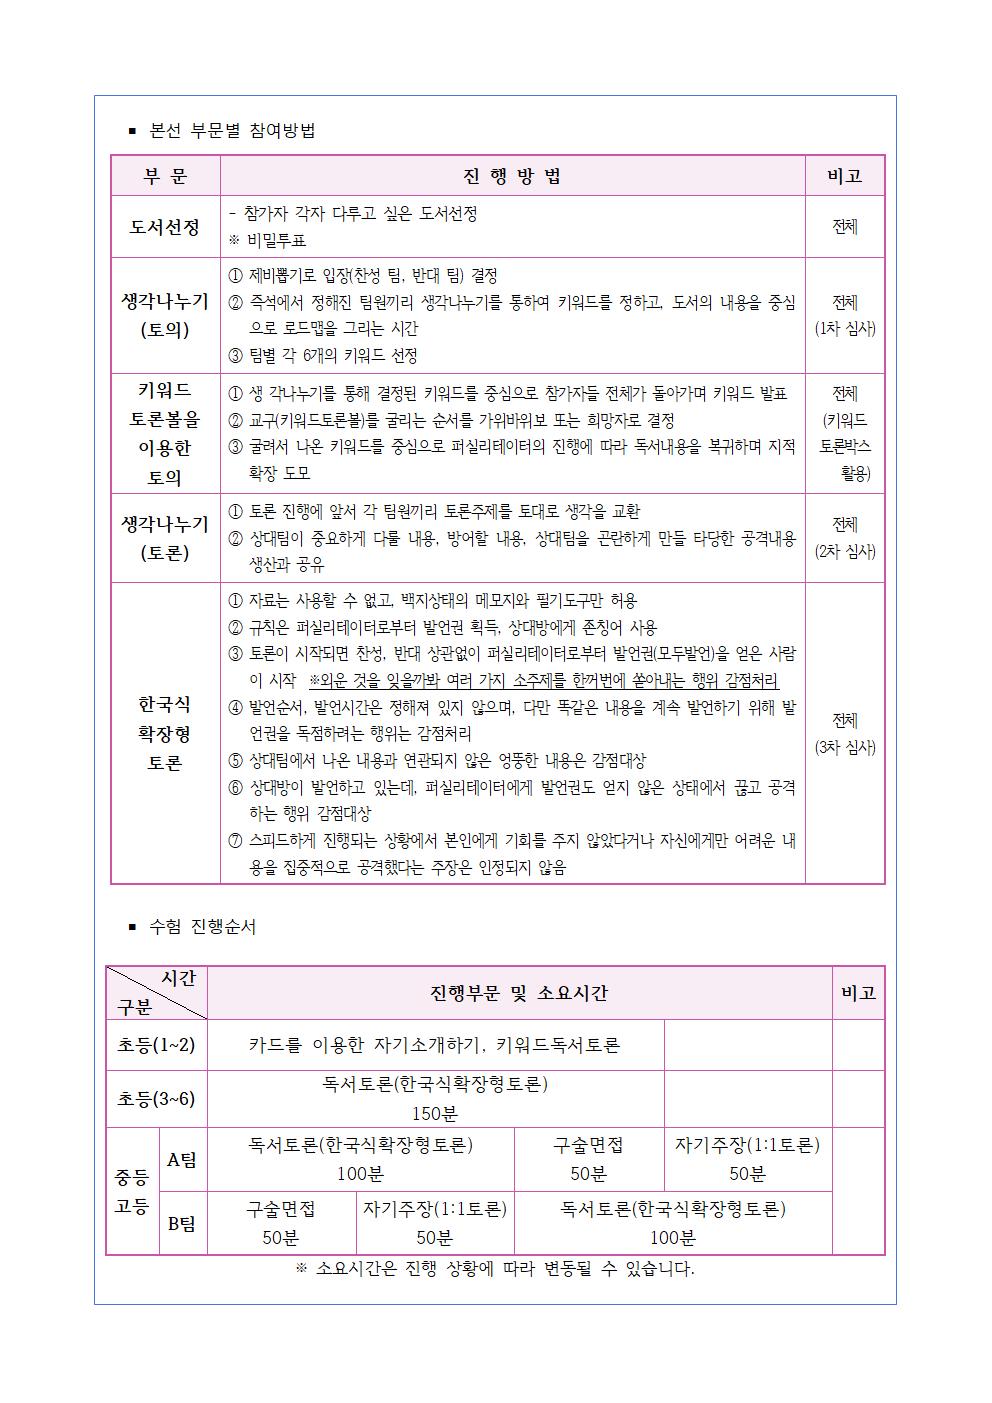 제17회전국청소년토론대회안내문(수정)003.png